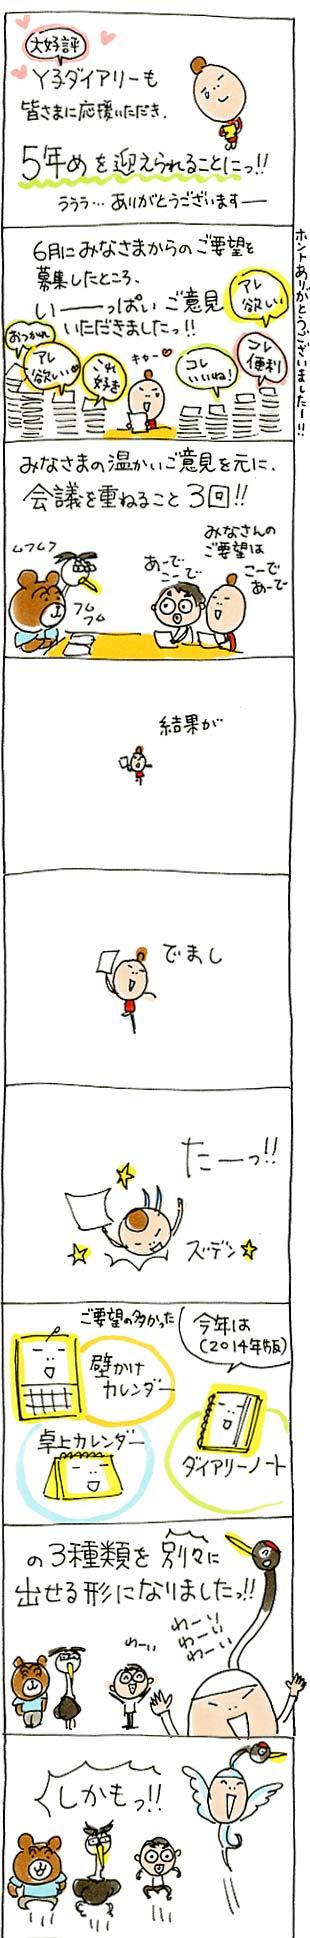 2014ダイアリー告知01